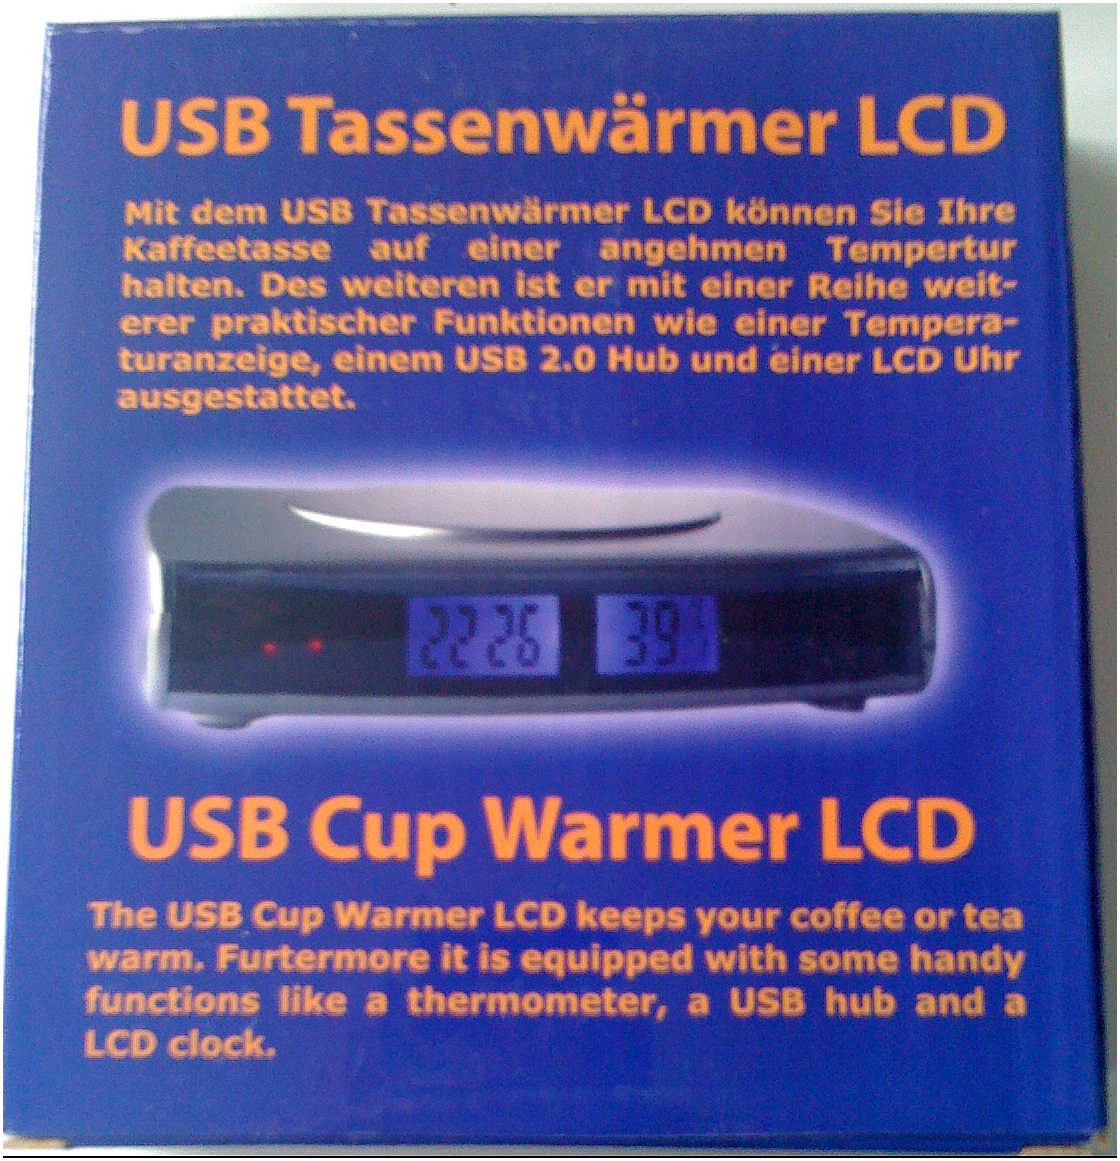 USB Tassenwarmer